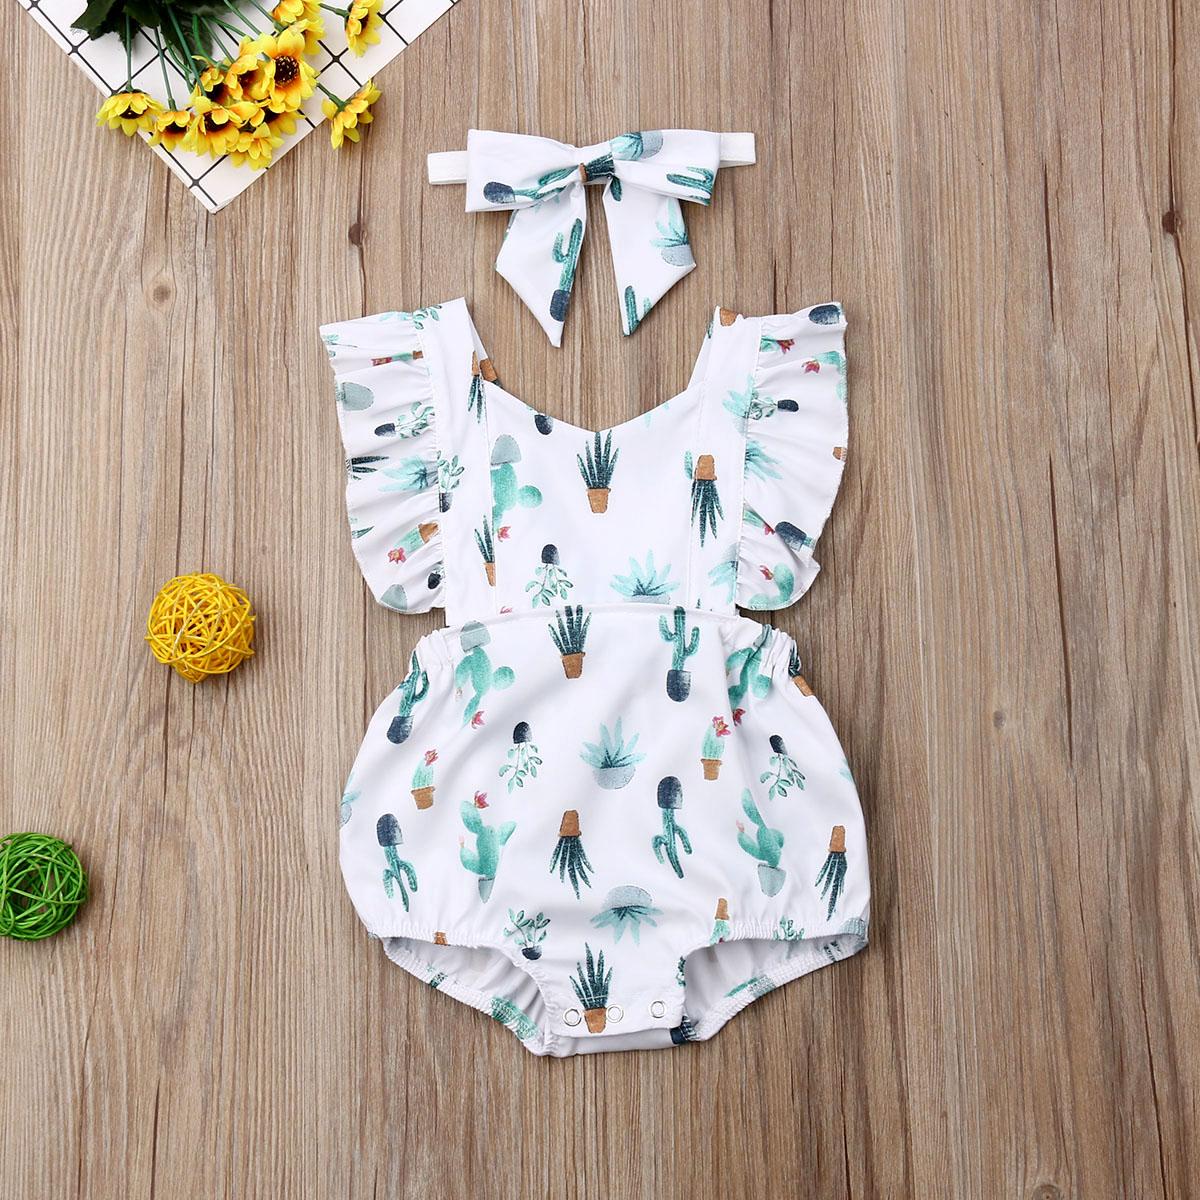 Pudcoco, ropa para bebé recién nacido, ropa de verano sin mangas con dibujo con Cactus, mono con cinta para cabello, 2 uds, conjuntos de traje de baño de algodón